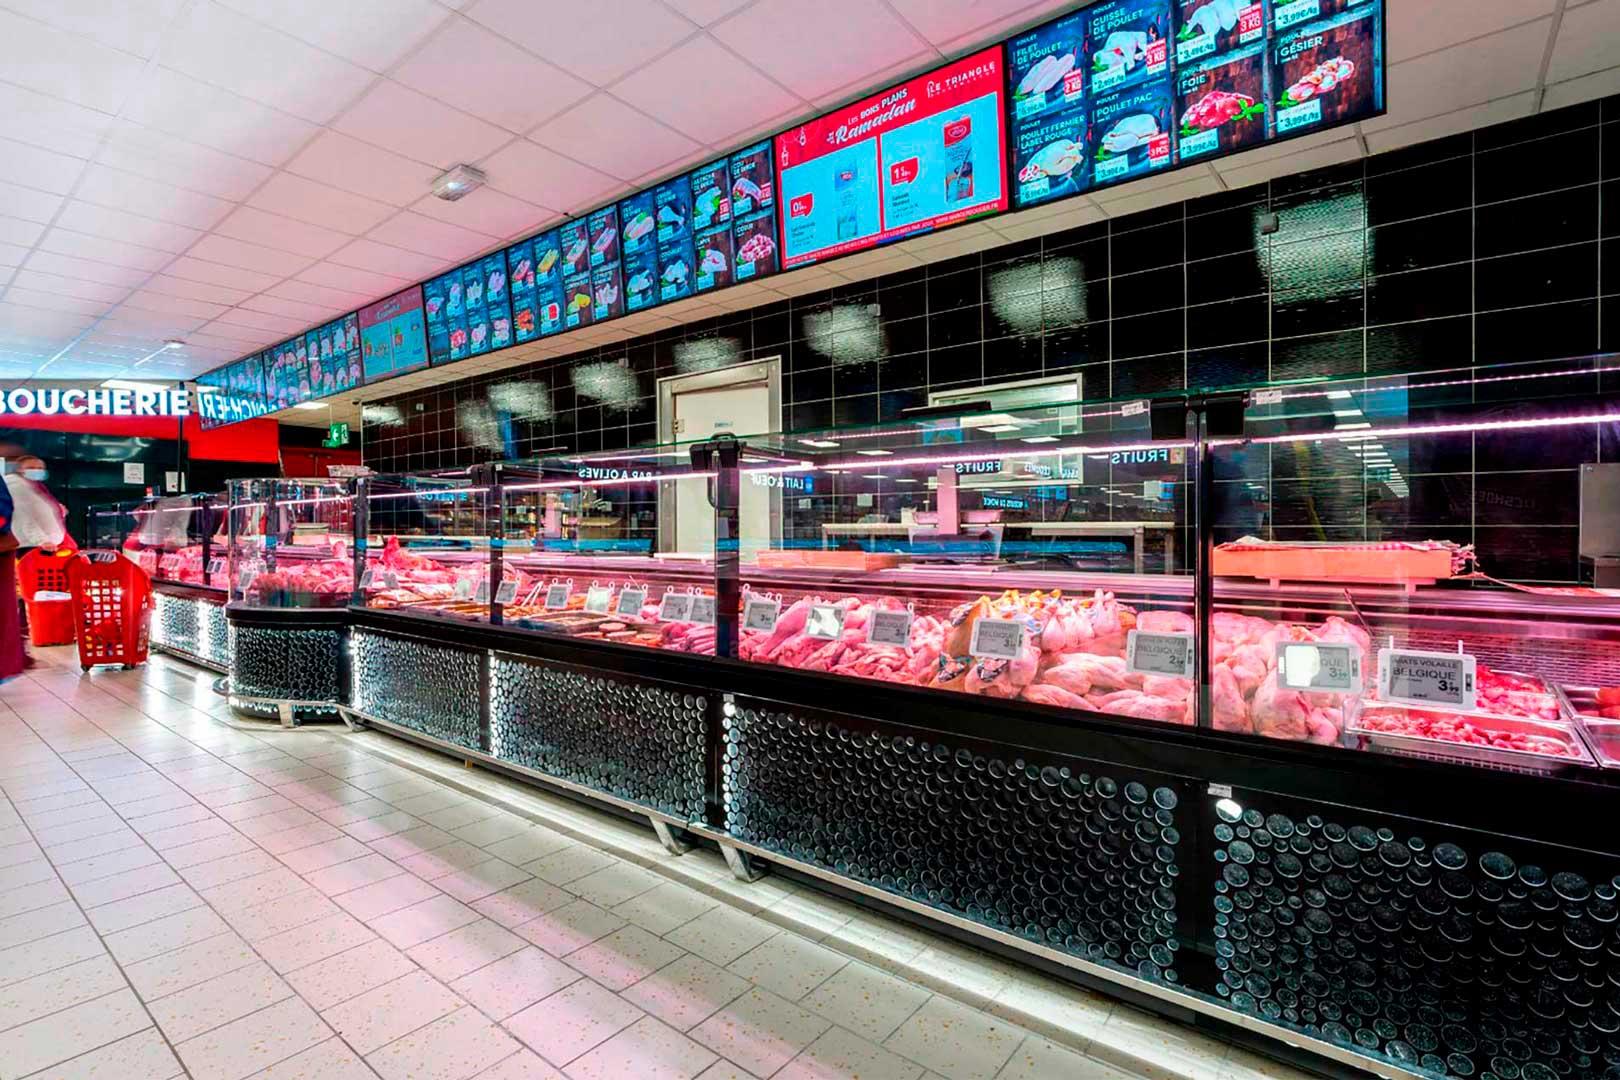 Холодильні вітрини Missouri MC 120 M, магазин LE TRIANGLE у Франції